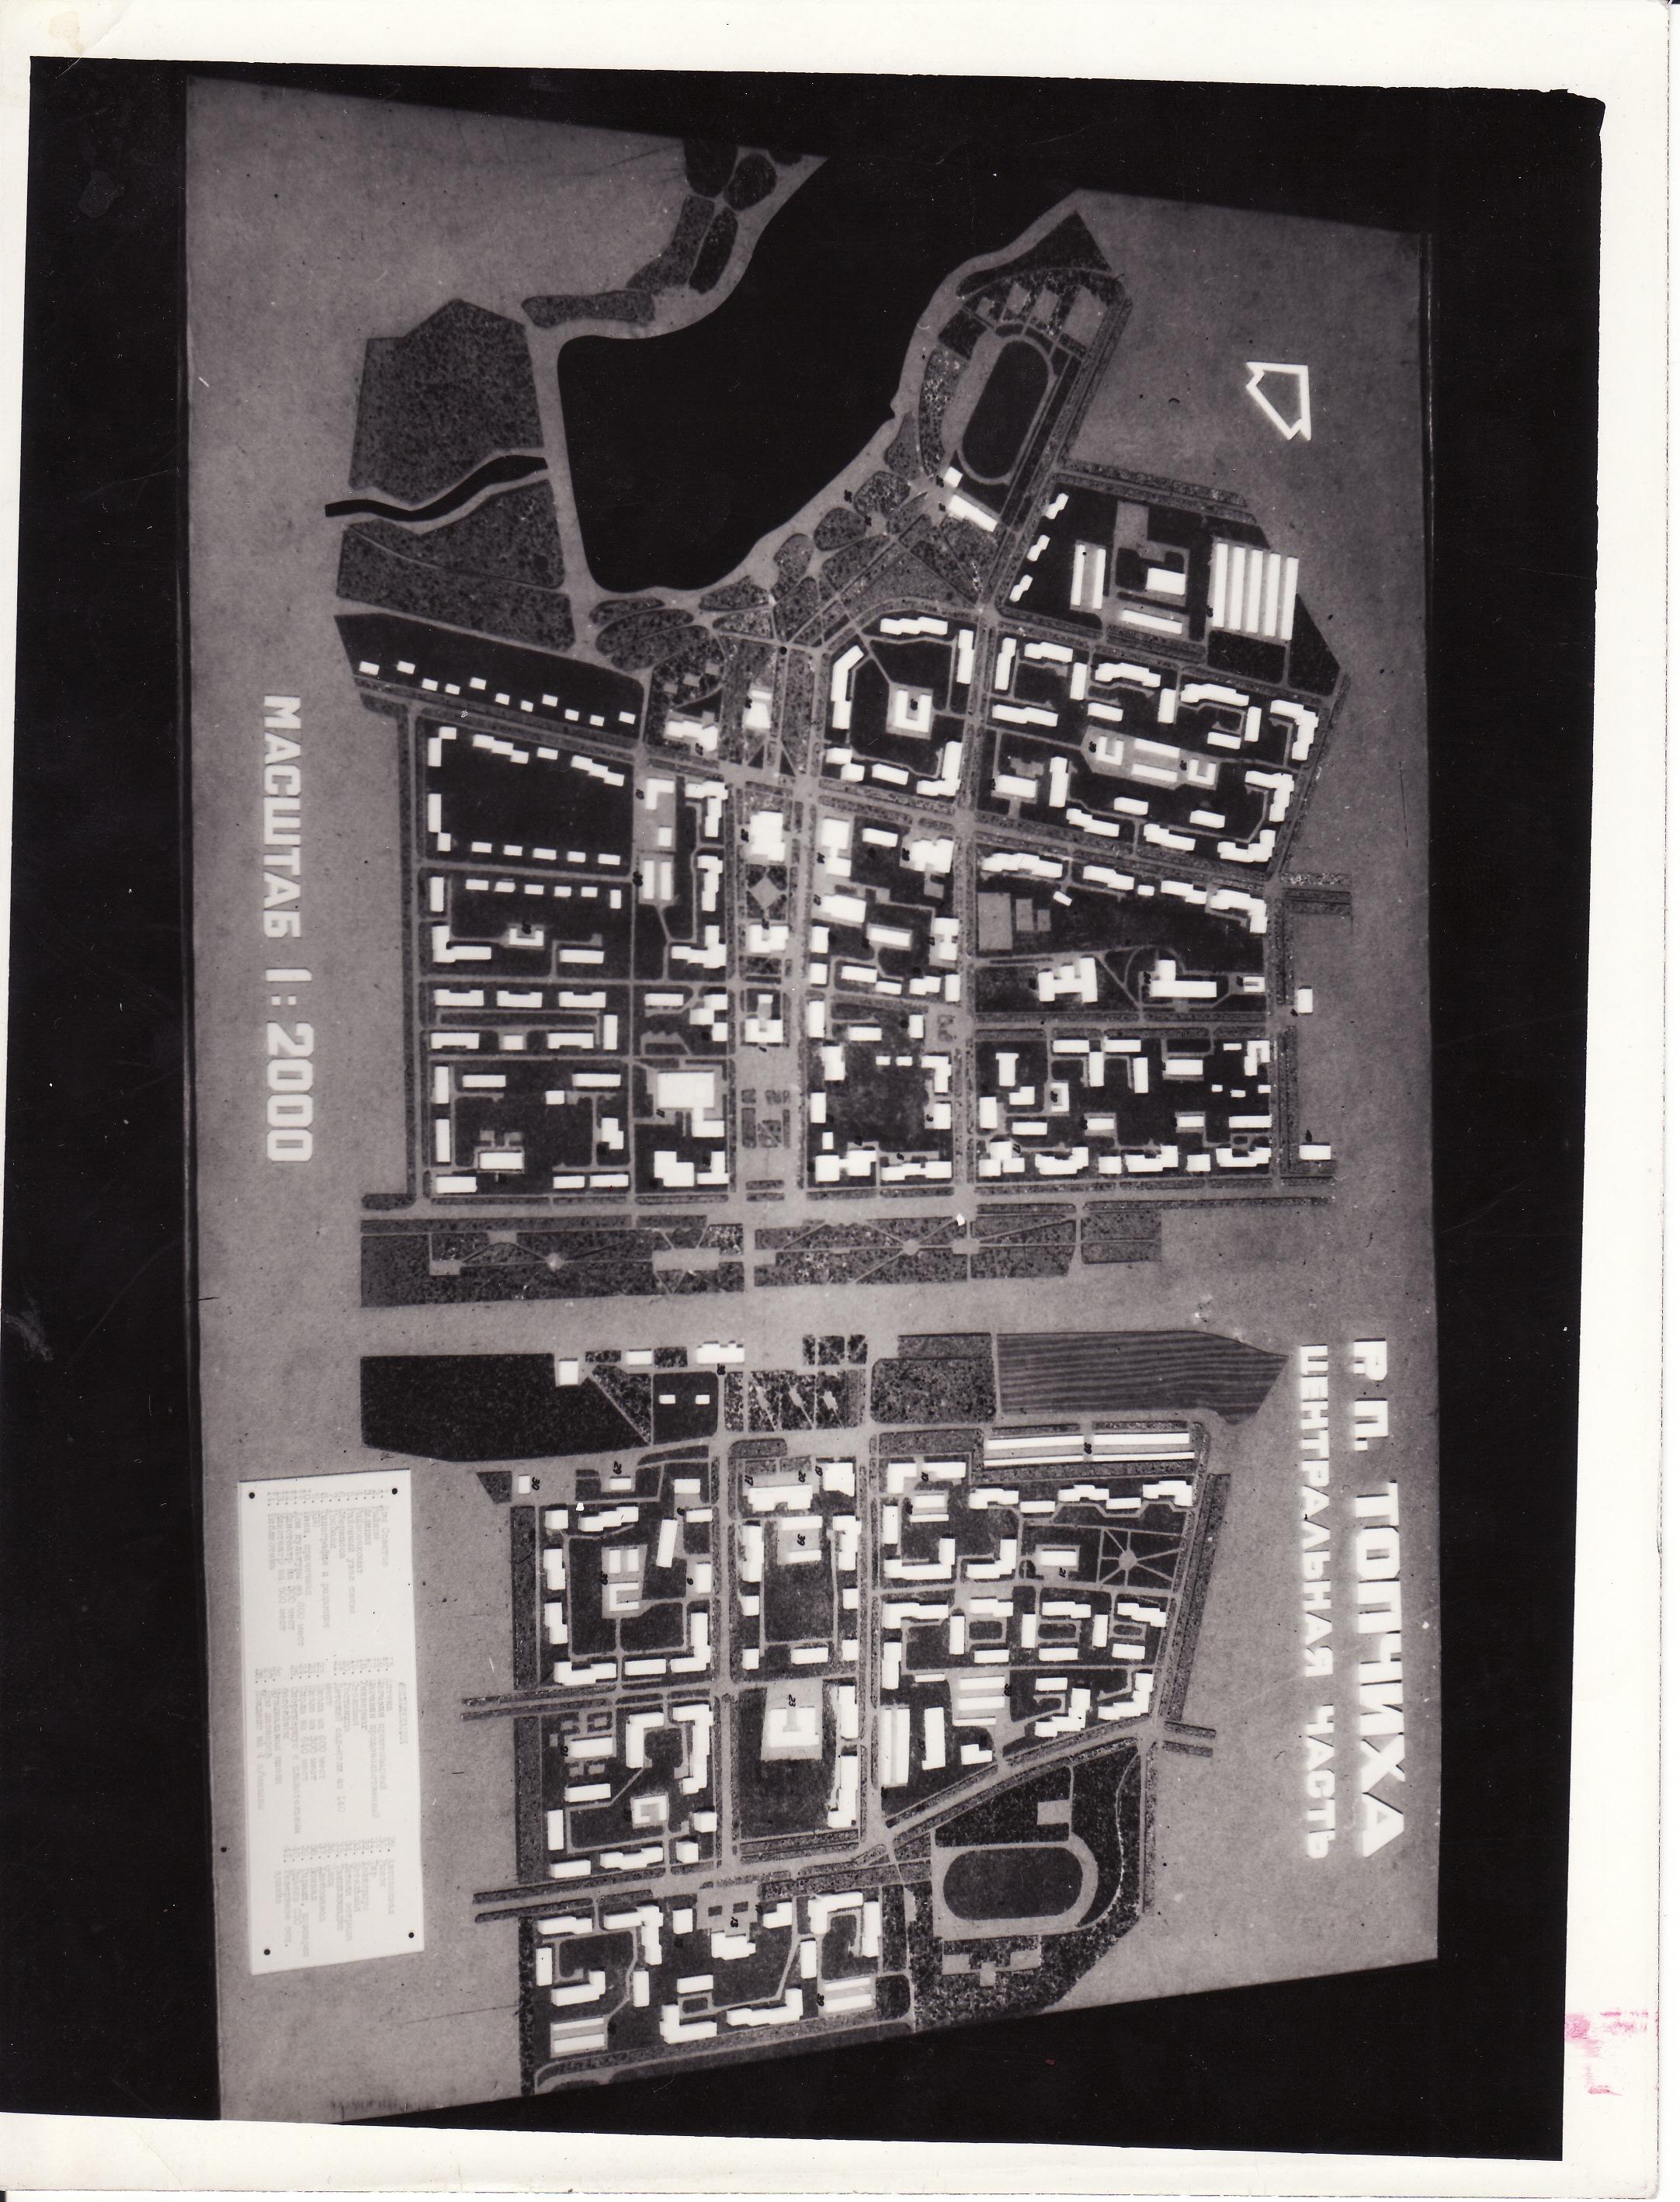 Макет центральной части Топчихи по генеральному плану 1979 года.